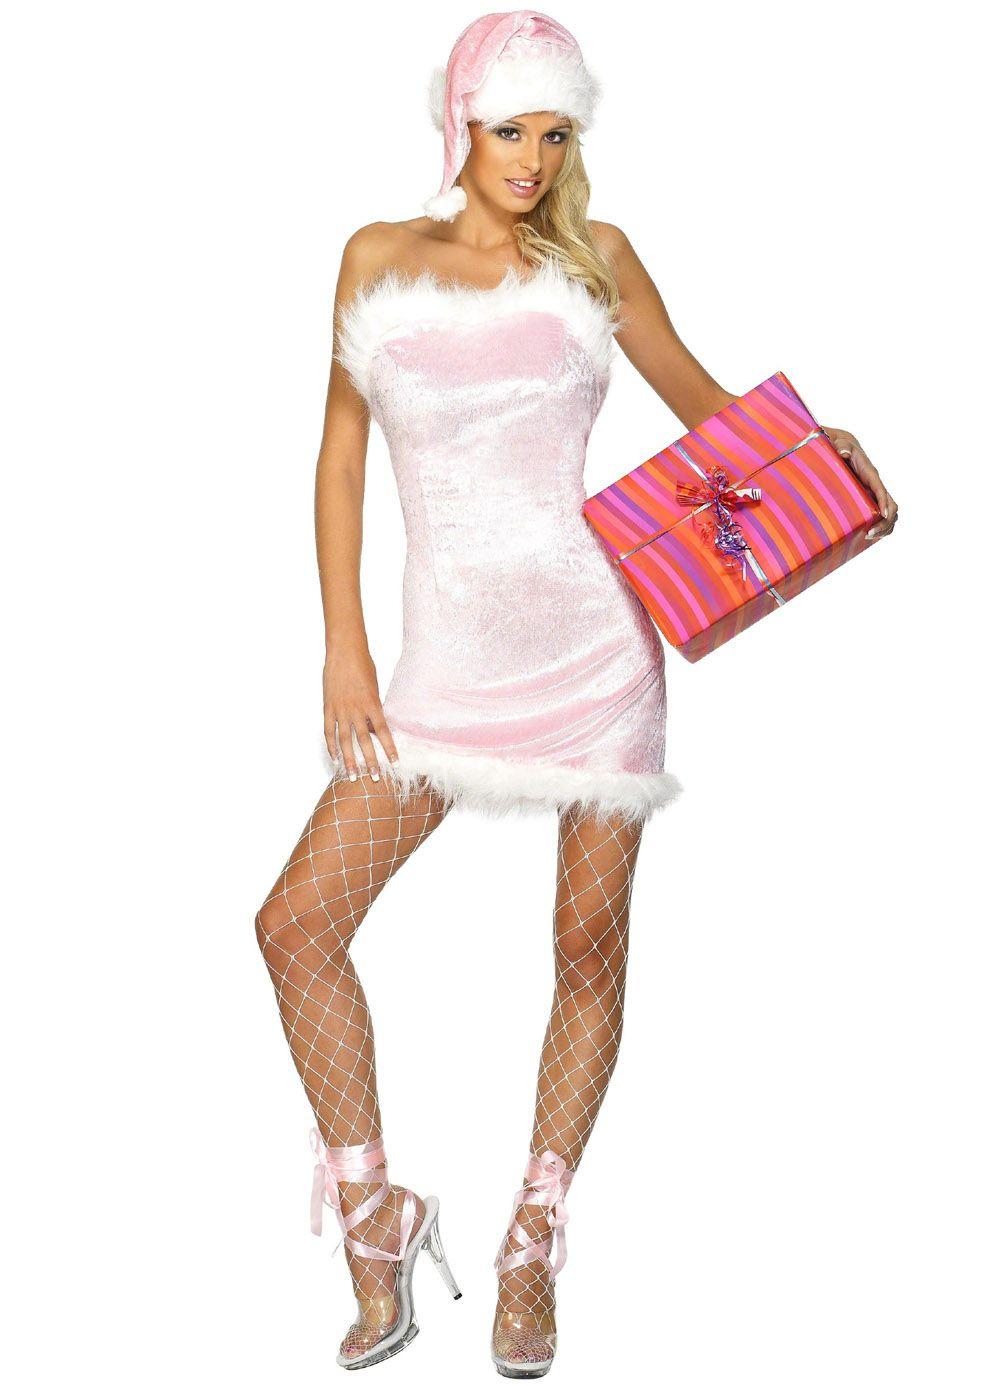 Déguisement Mère Noël sexy femme – See more at: http://jouet.florentt.com/toys-games/dguisement-mre-nol-sexy-femme-fr/